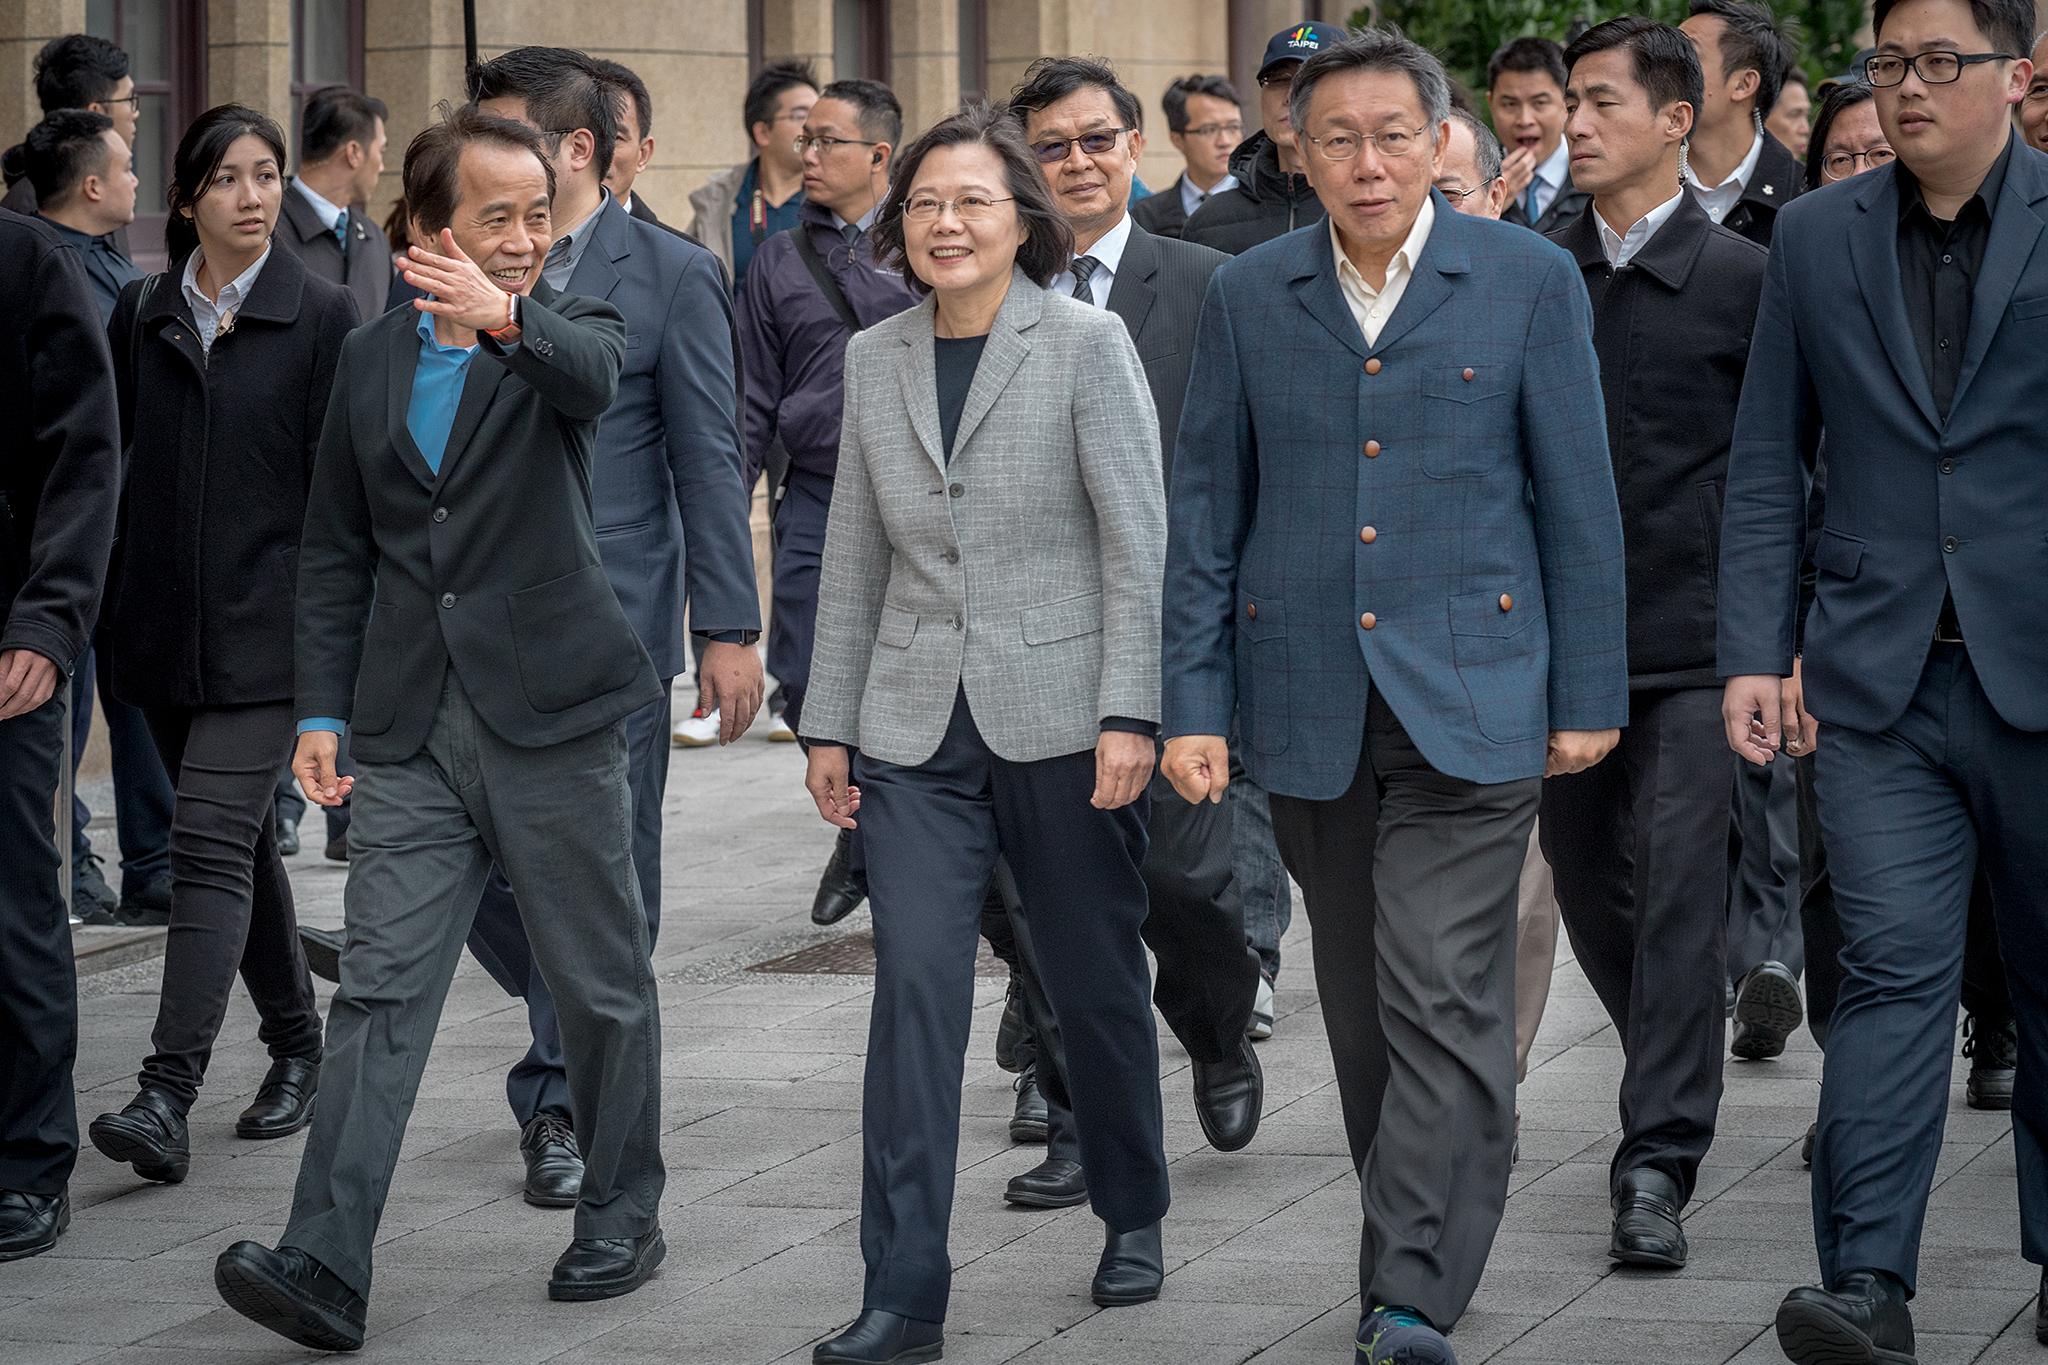 總統蔡英文在去年(2018年)底與台北市長柯文哲在北門會面。圖片來源:Taiwan Presidential Office/Flickr